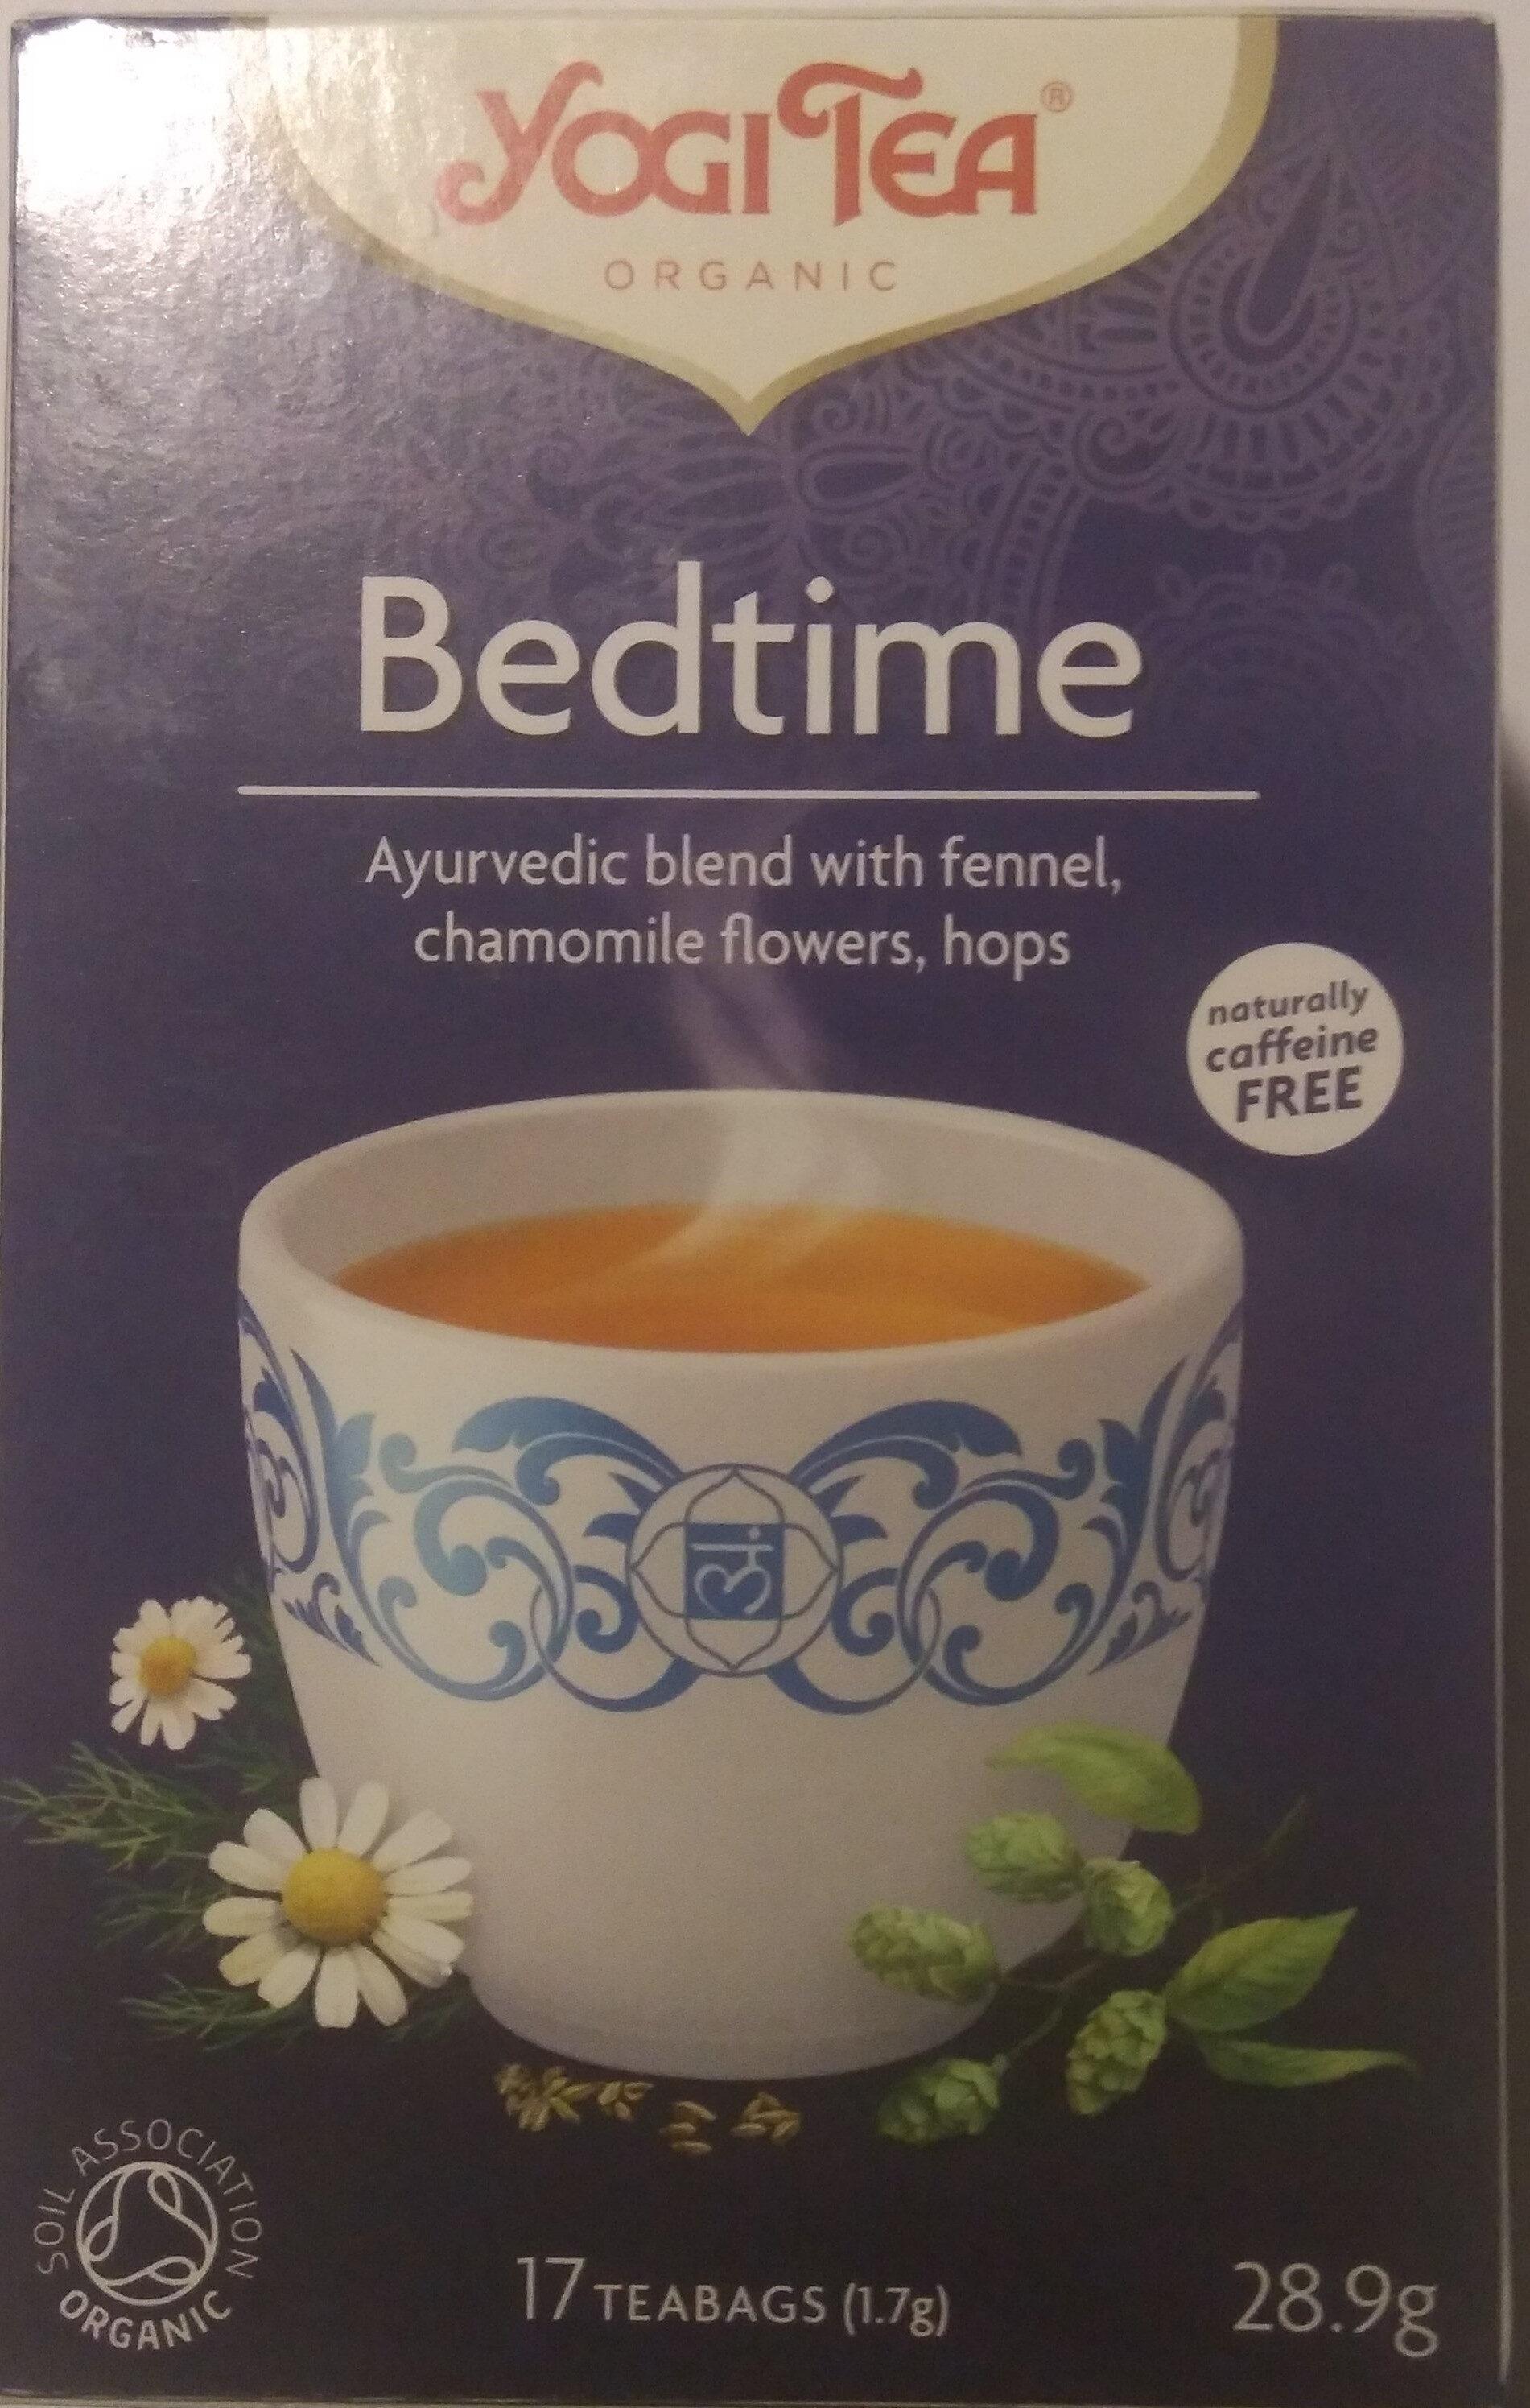 Bedtime - Prodotto - fi